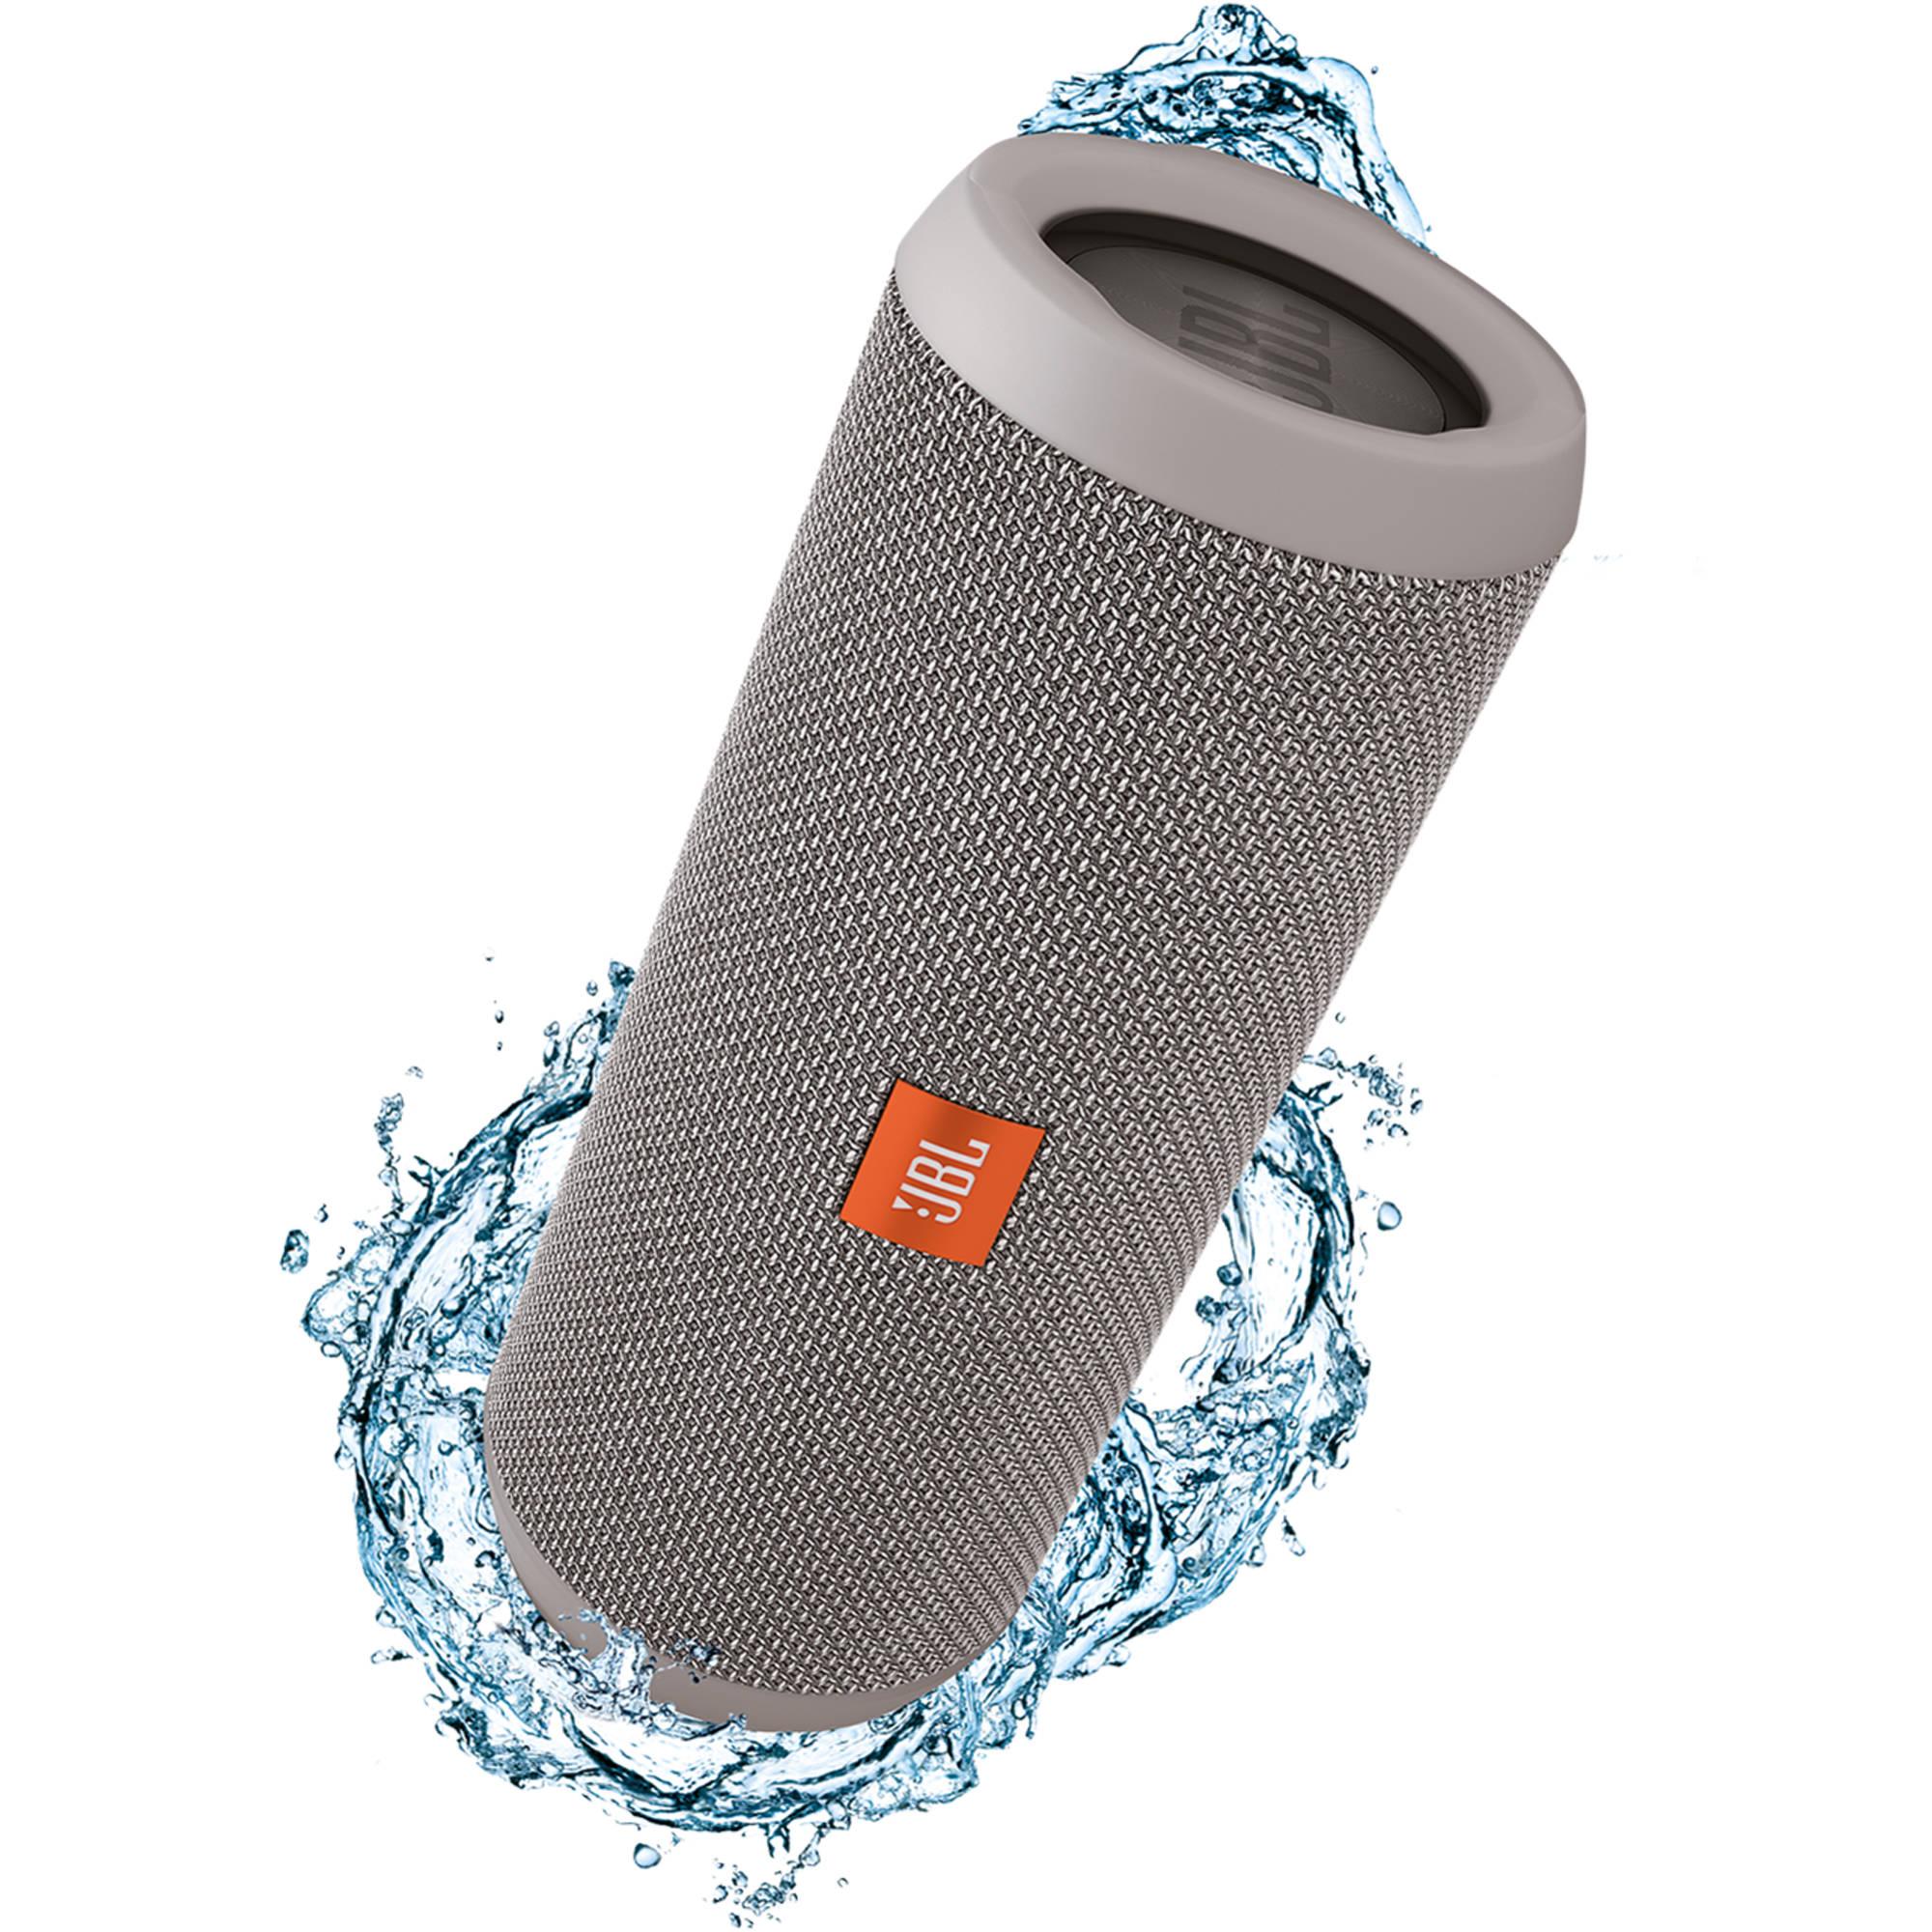 JBL Flip 3 Wireless Portable Stereo Speaker (Gray